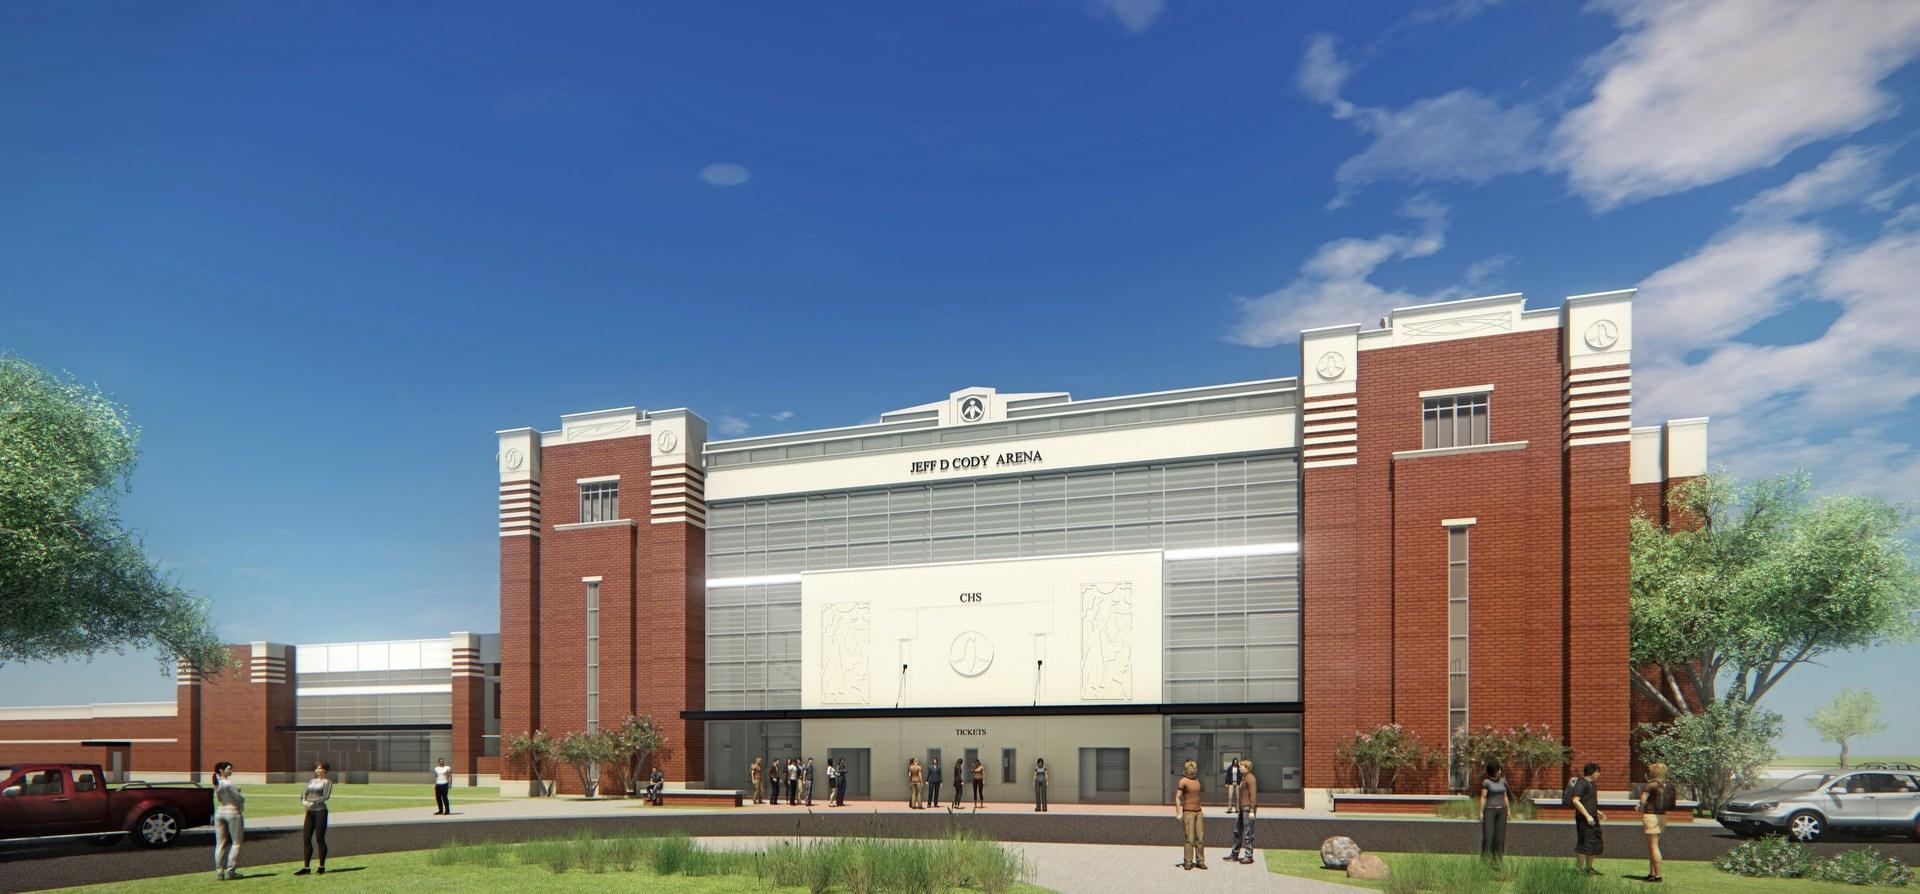 New Jeff D Cody Arena